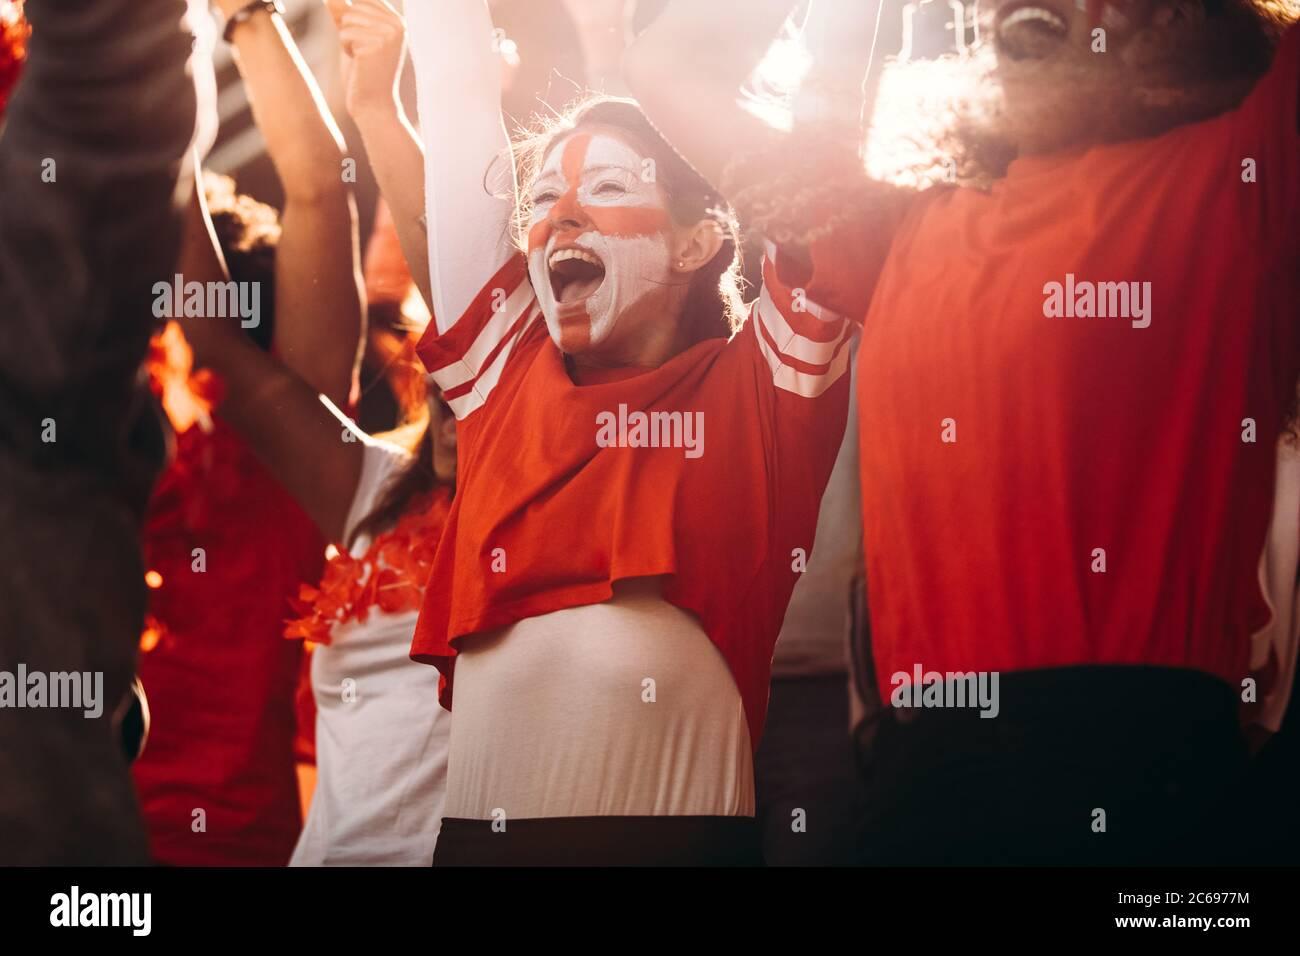 Entusiasmados aficionados al fútbol de Inglaterra celebrando en stands. Los seguidores del fútbol inglés animan a un gol en el estadio. Foto de stock